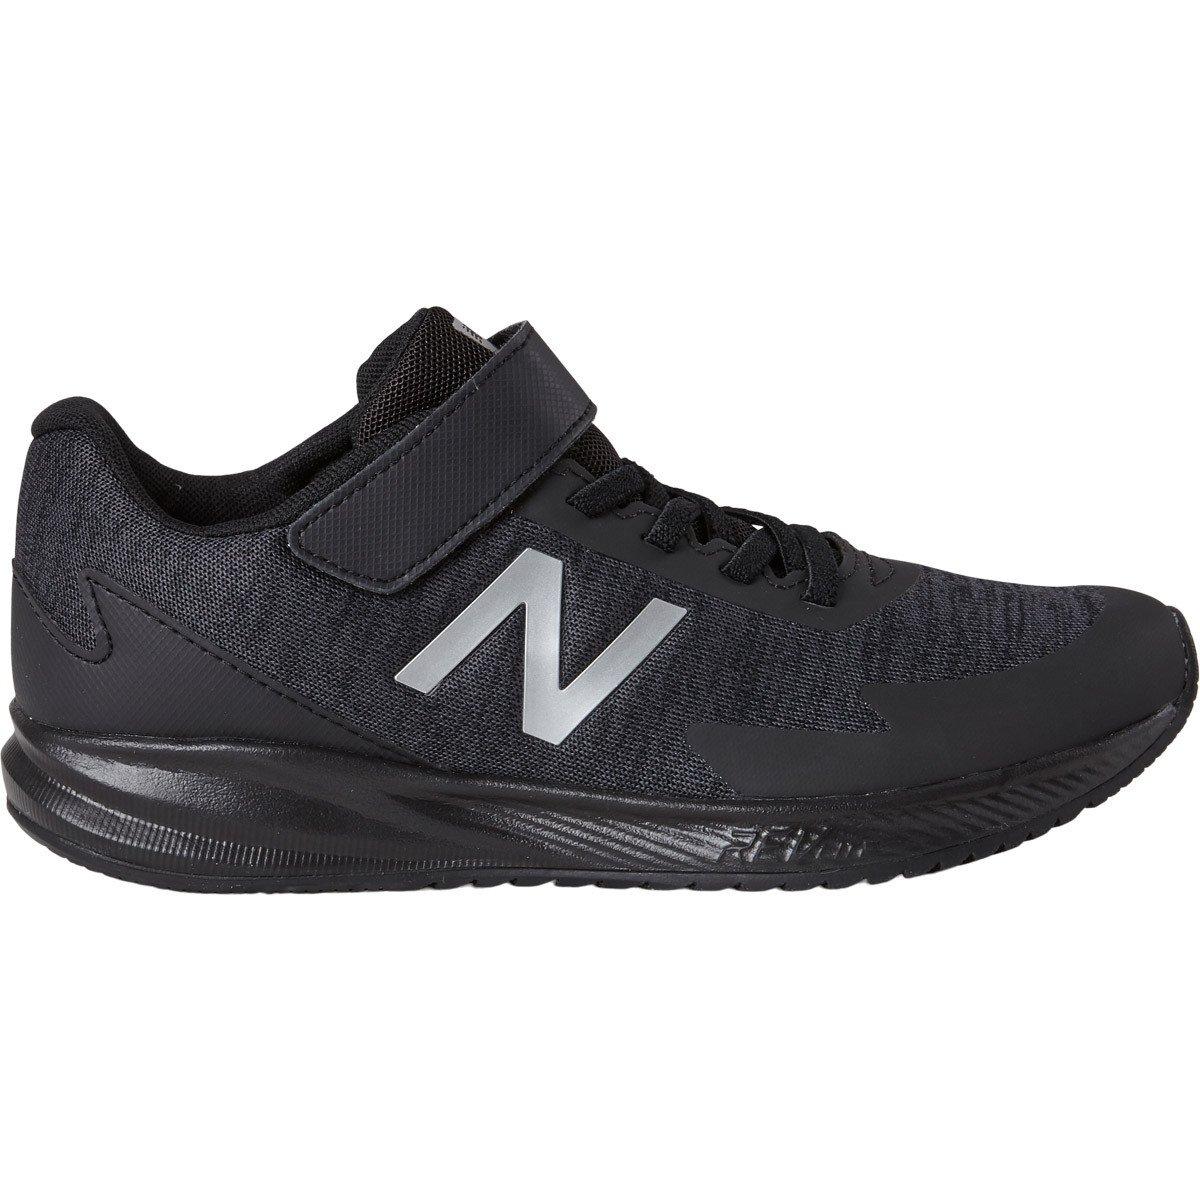 New Balance 611 Sneakers Børn